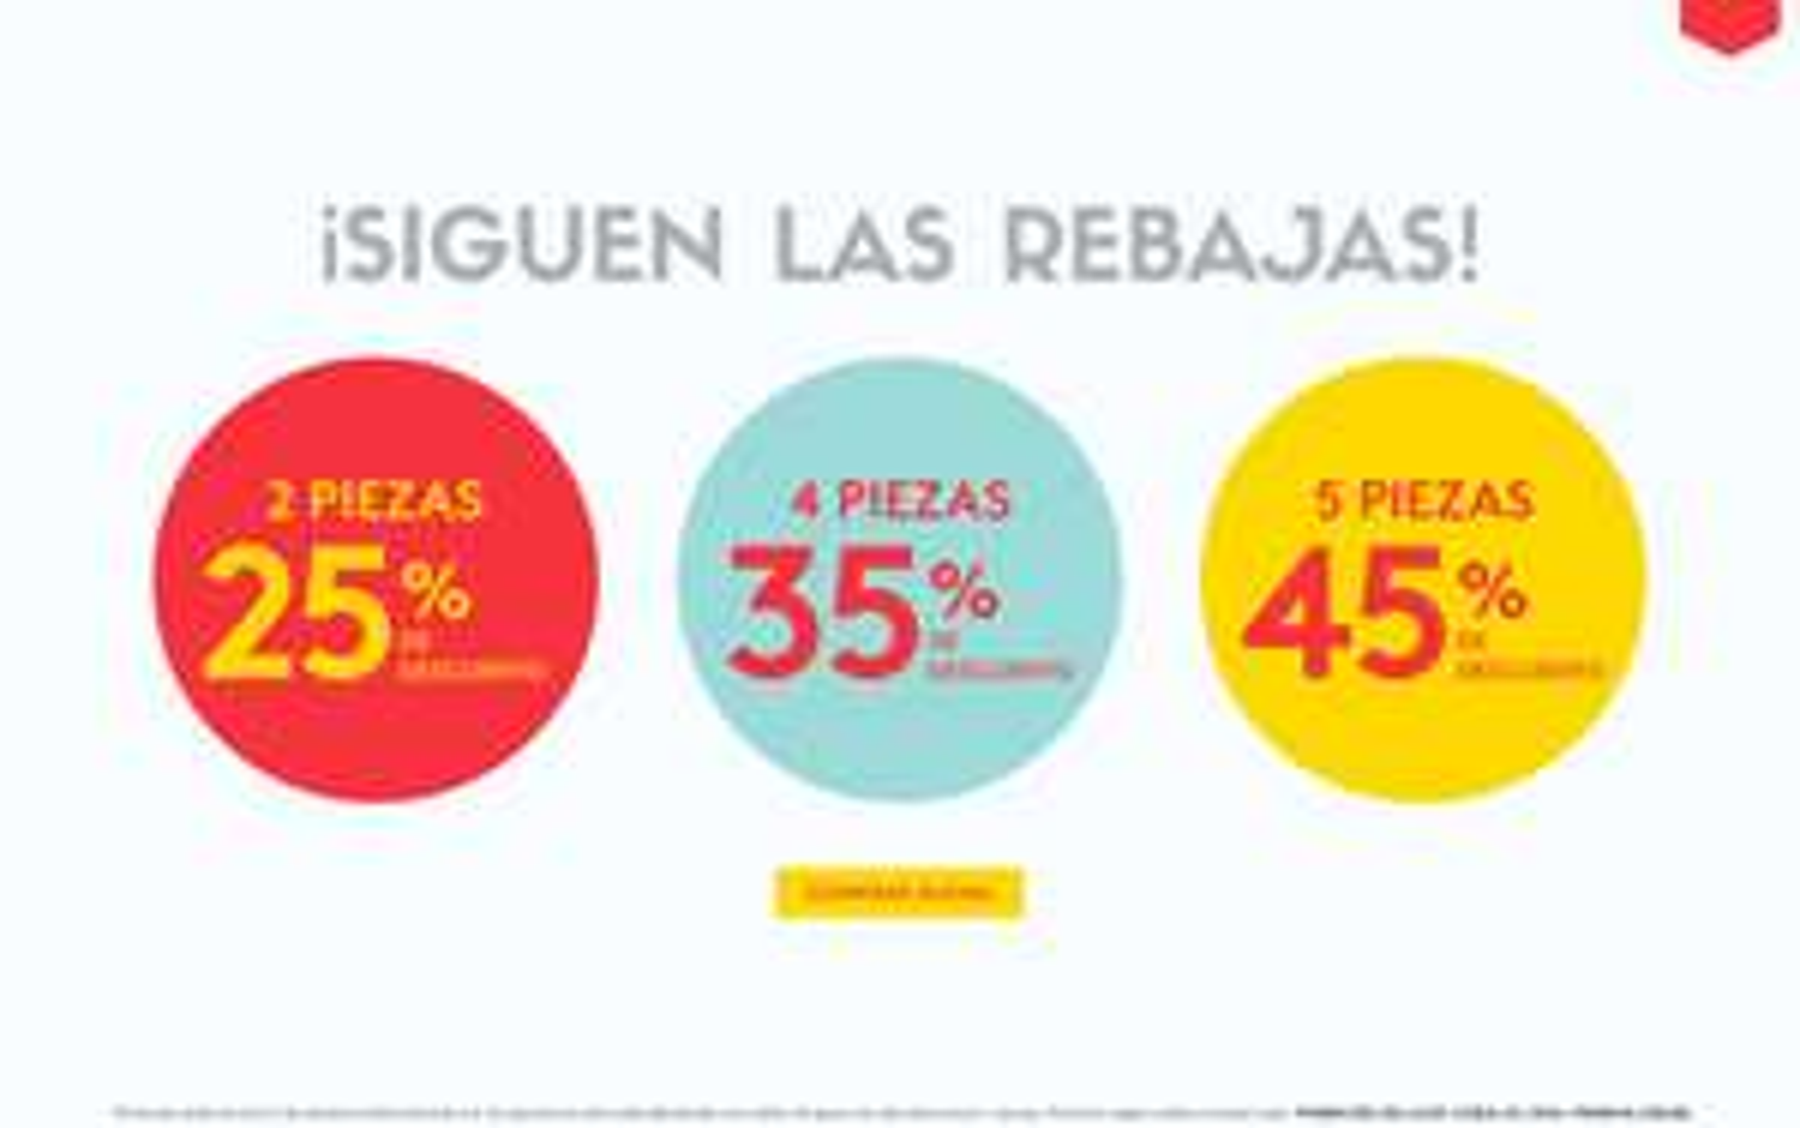 Promoda Outlet: Descuentos escalonados del 25% al 45% adicional a lo ya rebajado en selección de productos en tienda en línea